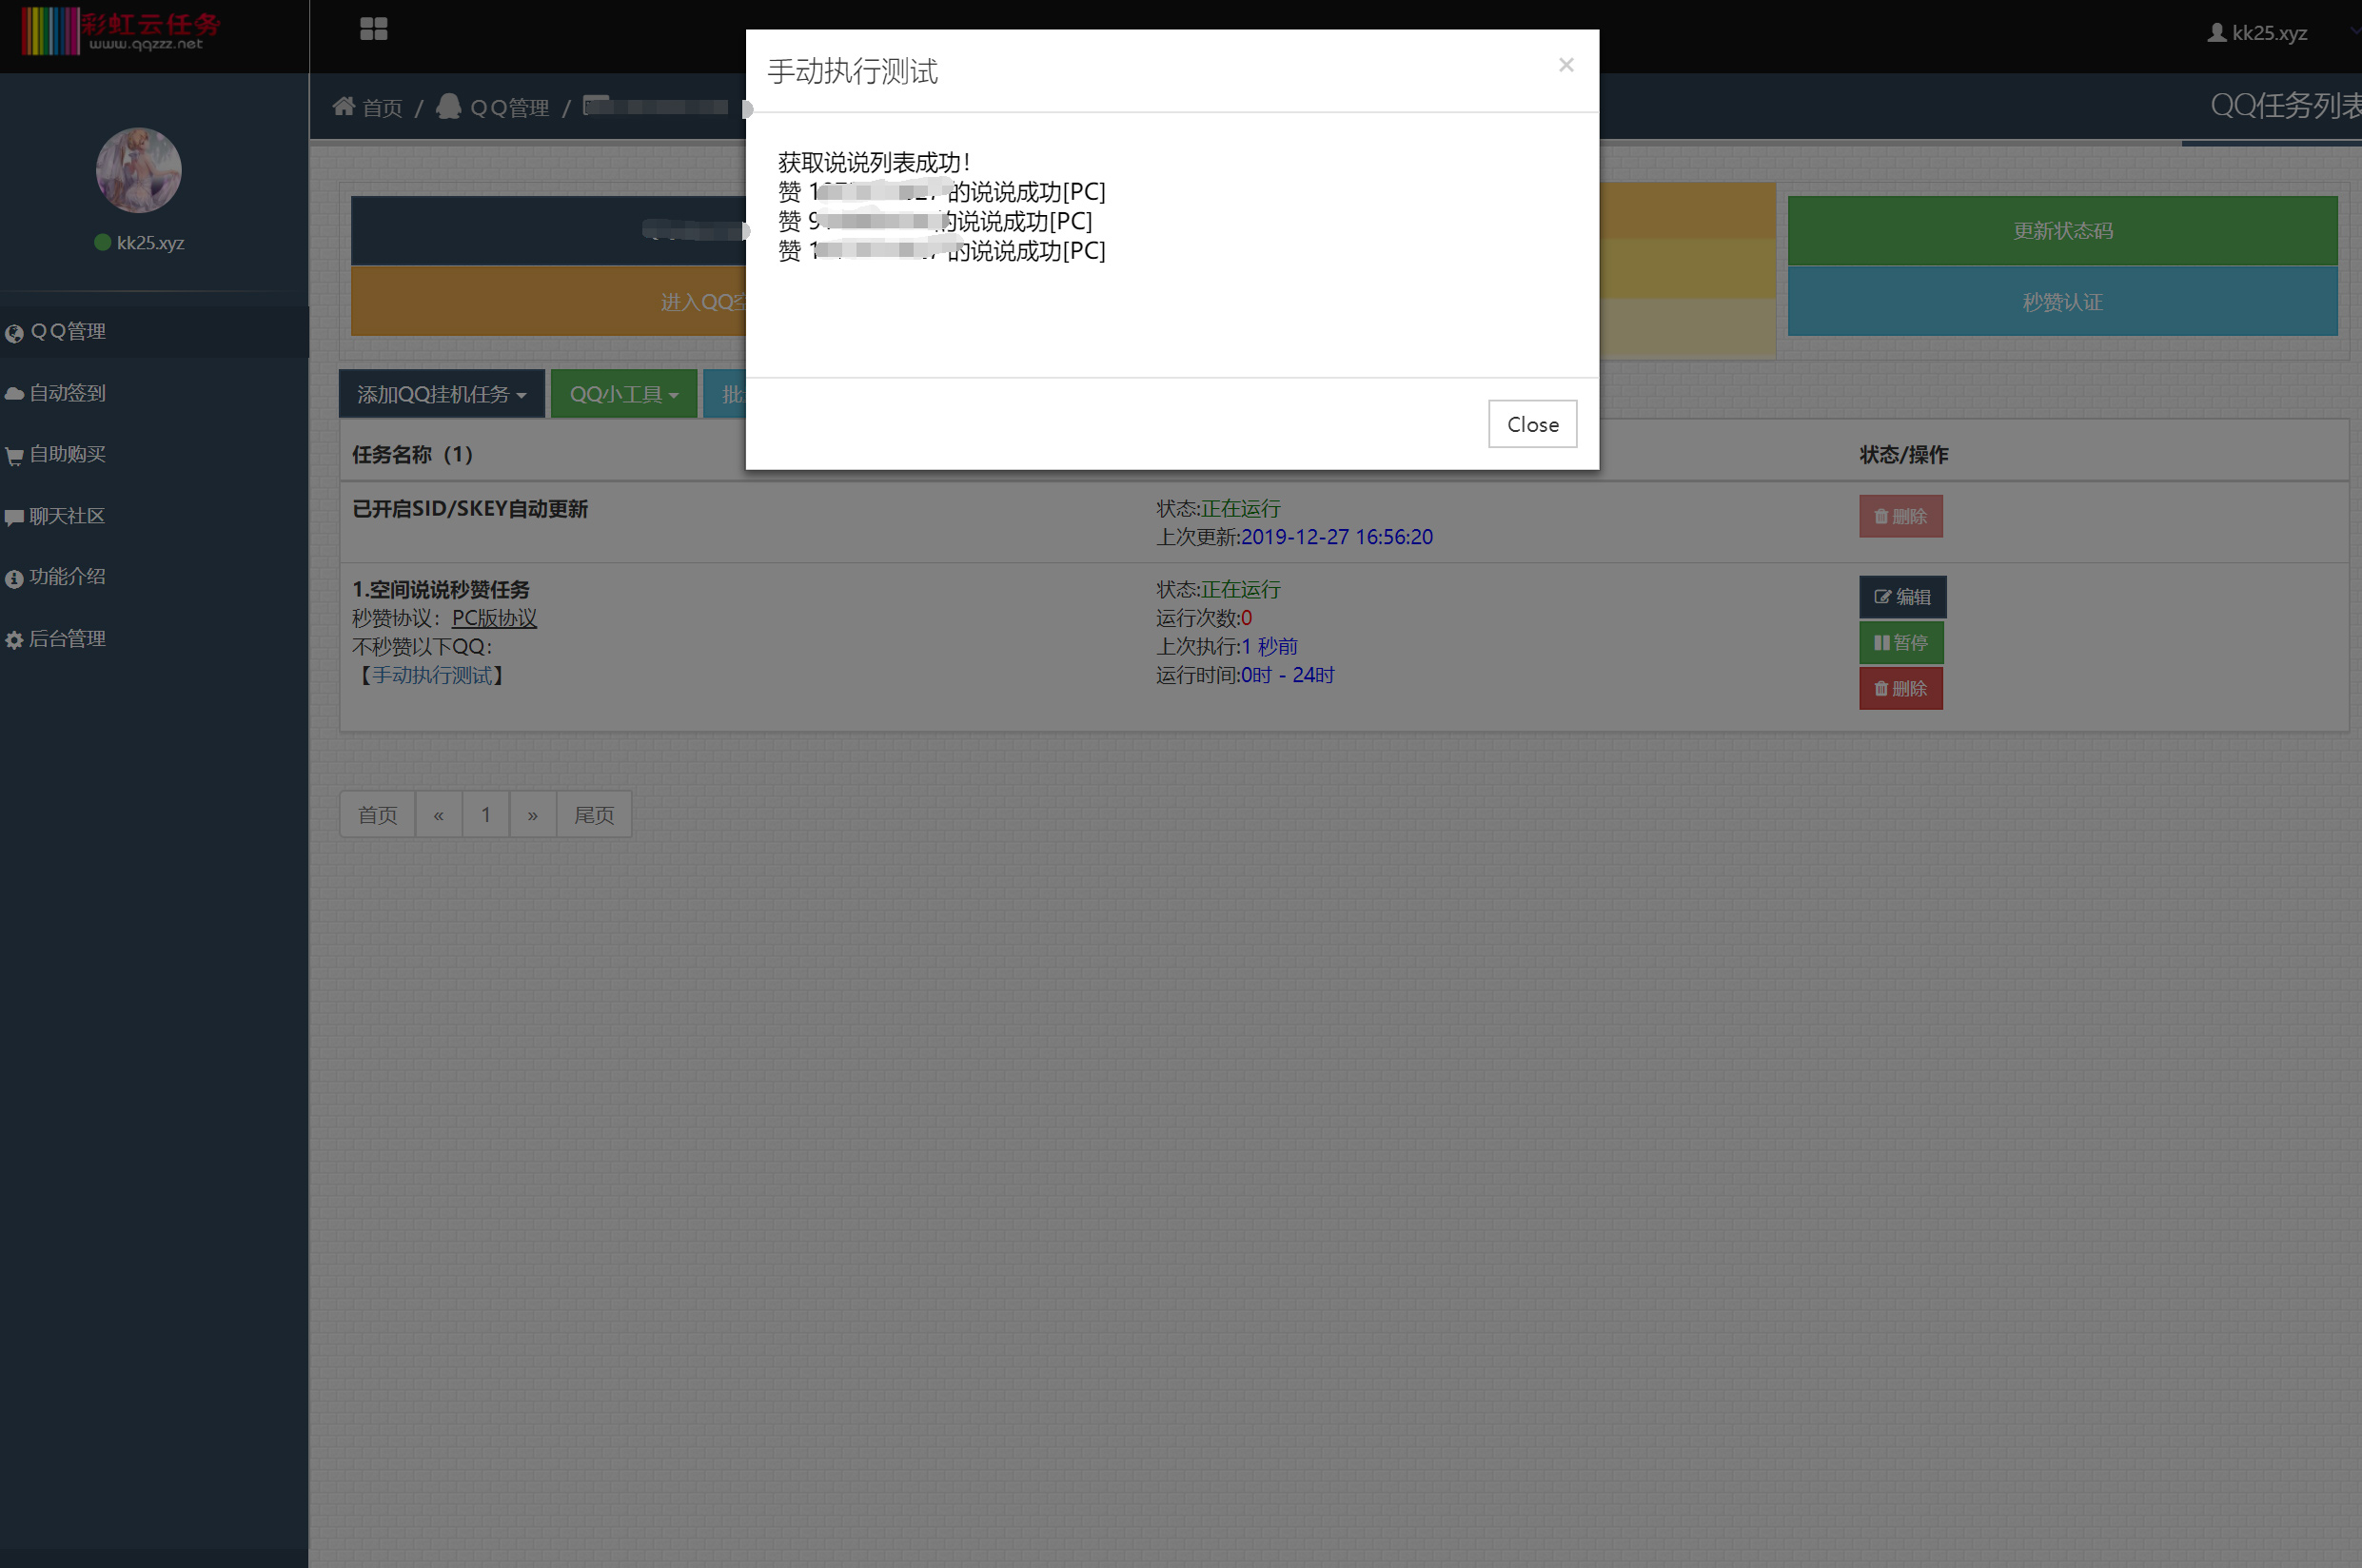 【彩虹云7.27】新版彩虹云免授权附超详细安装配置教程-找主题源码